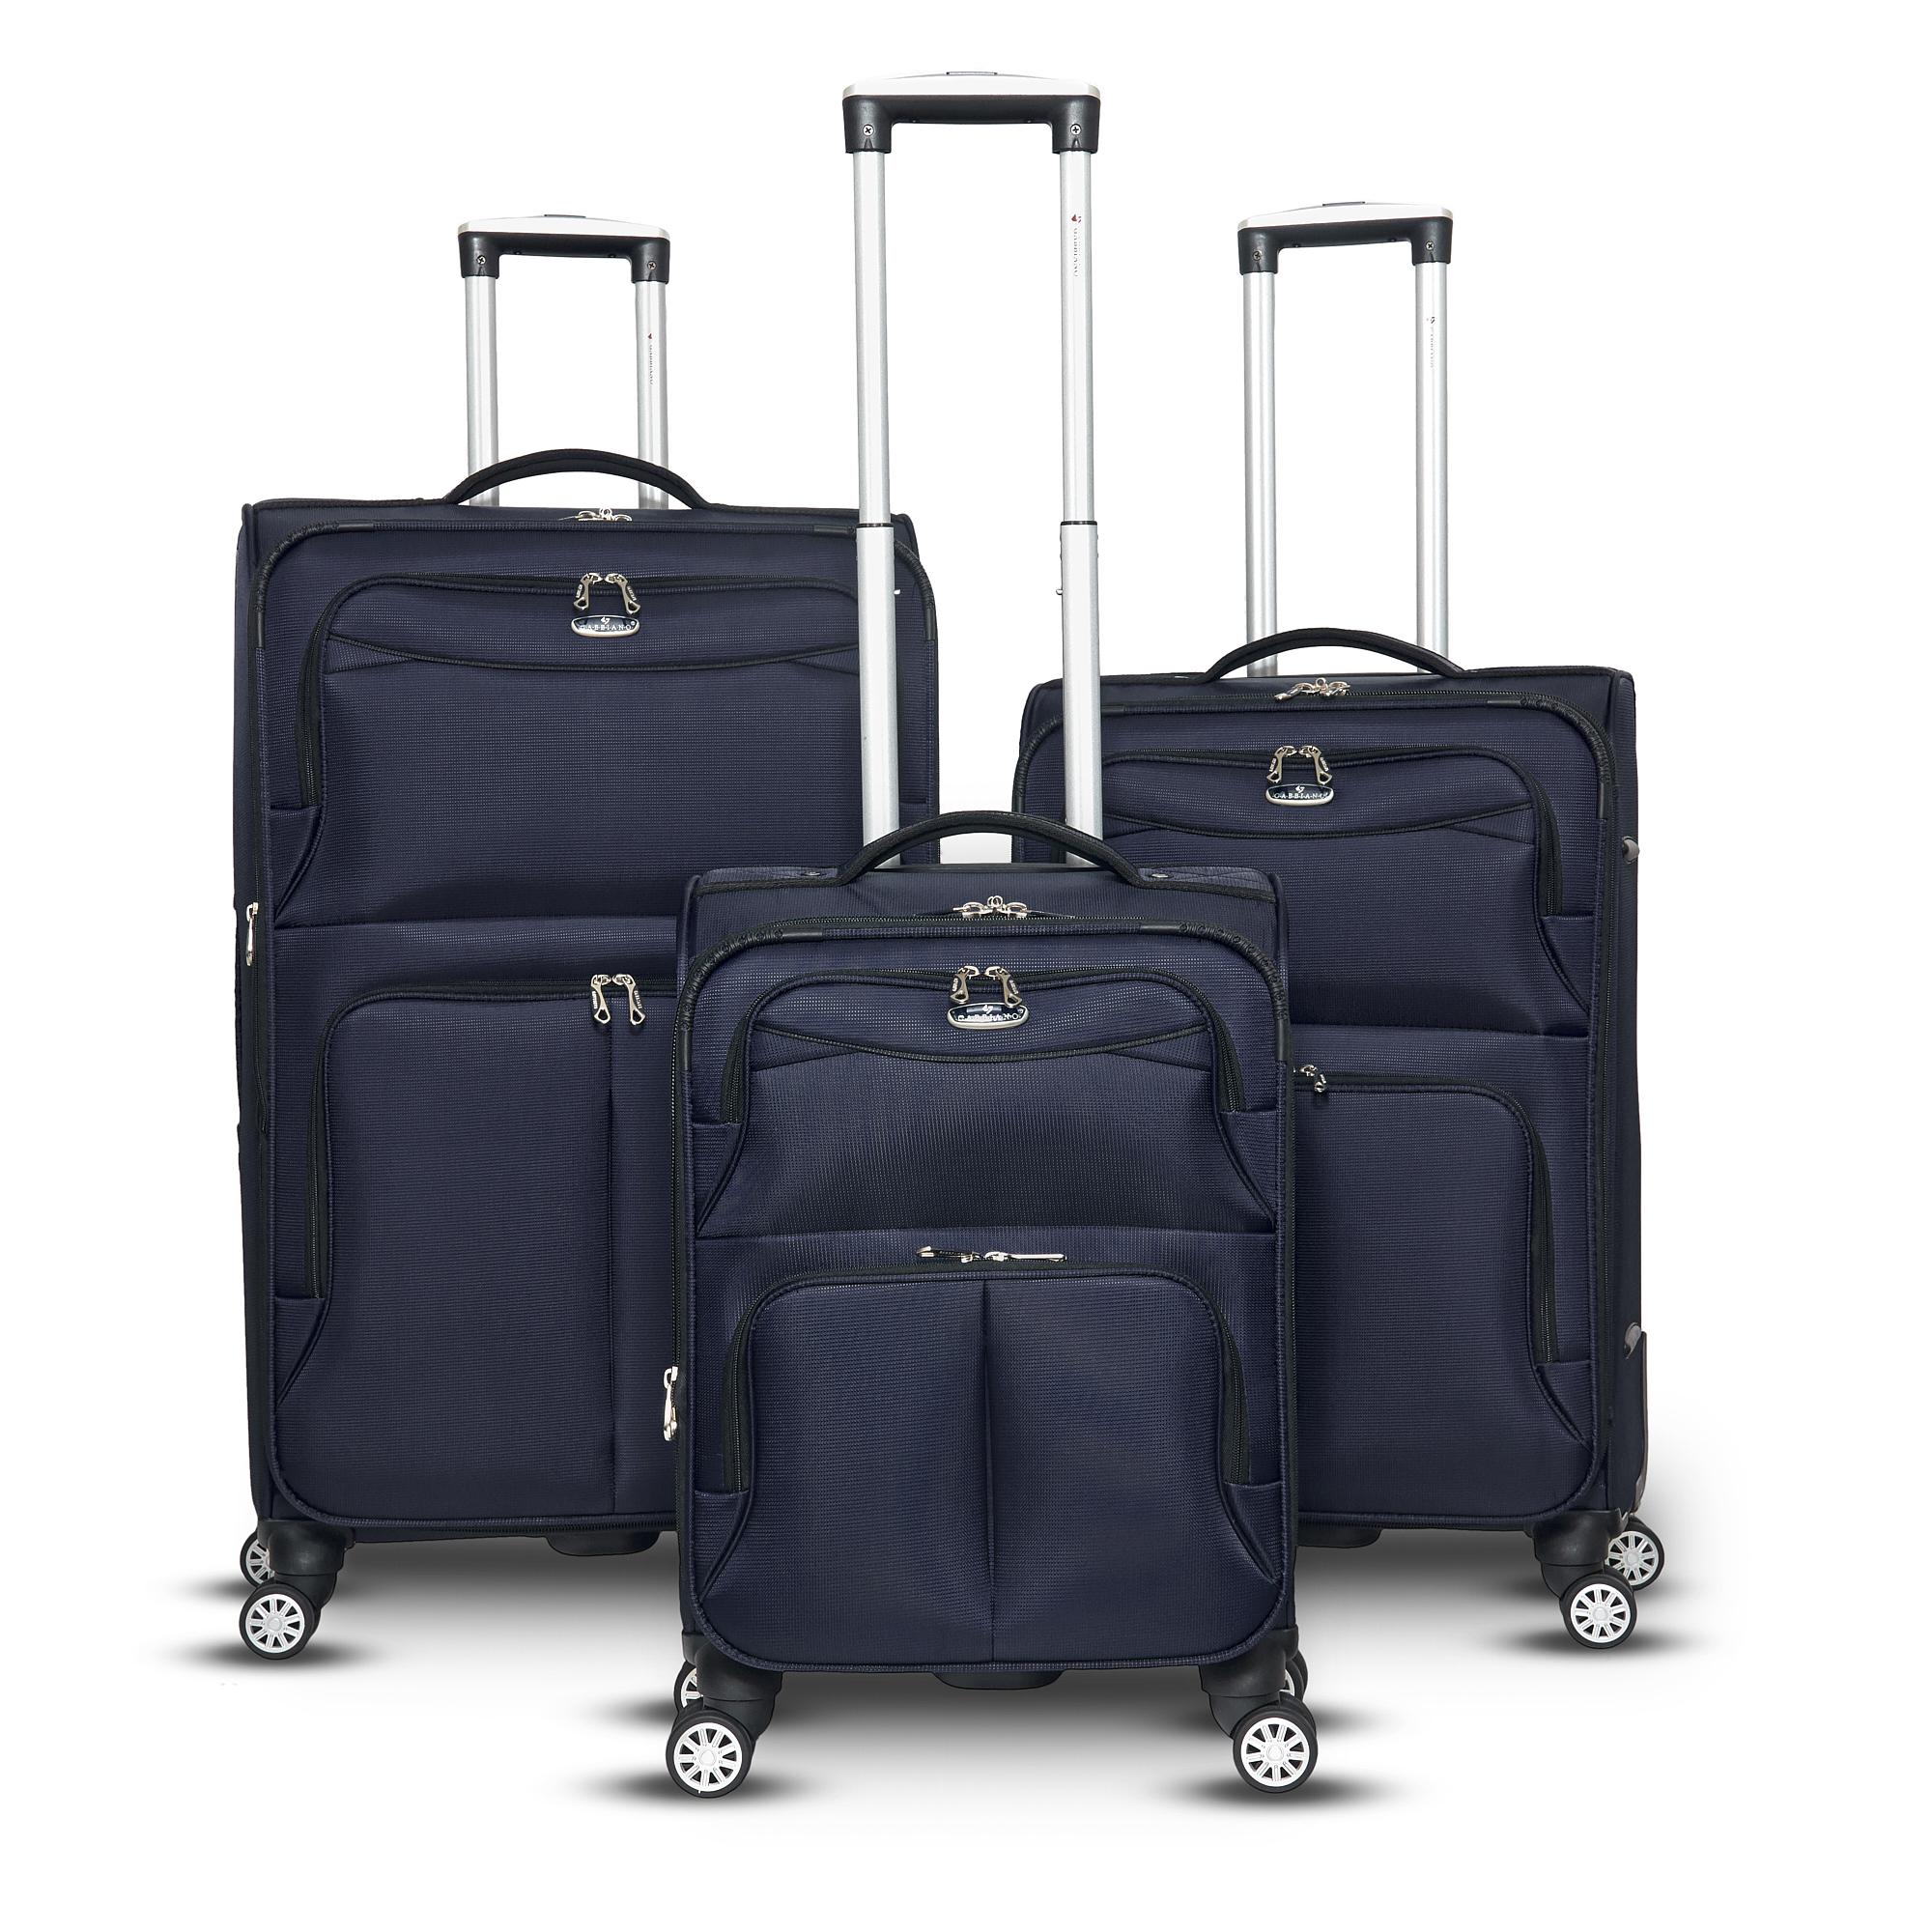 931727c92 Gabbiano – GA4030 – CY Luggage